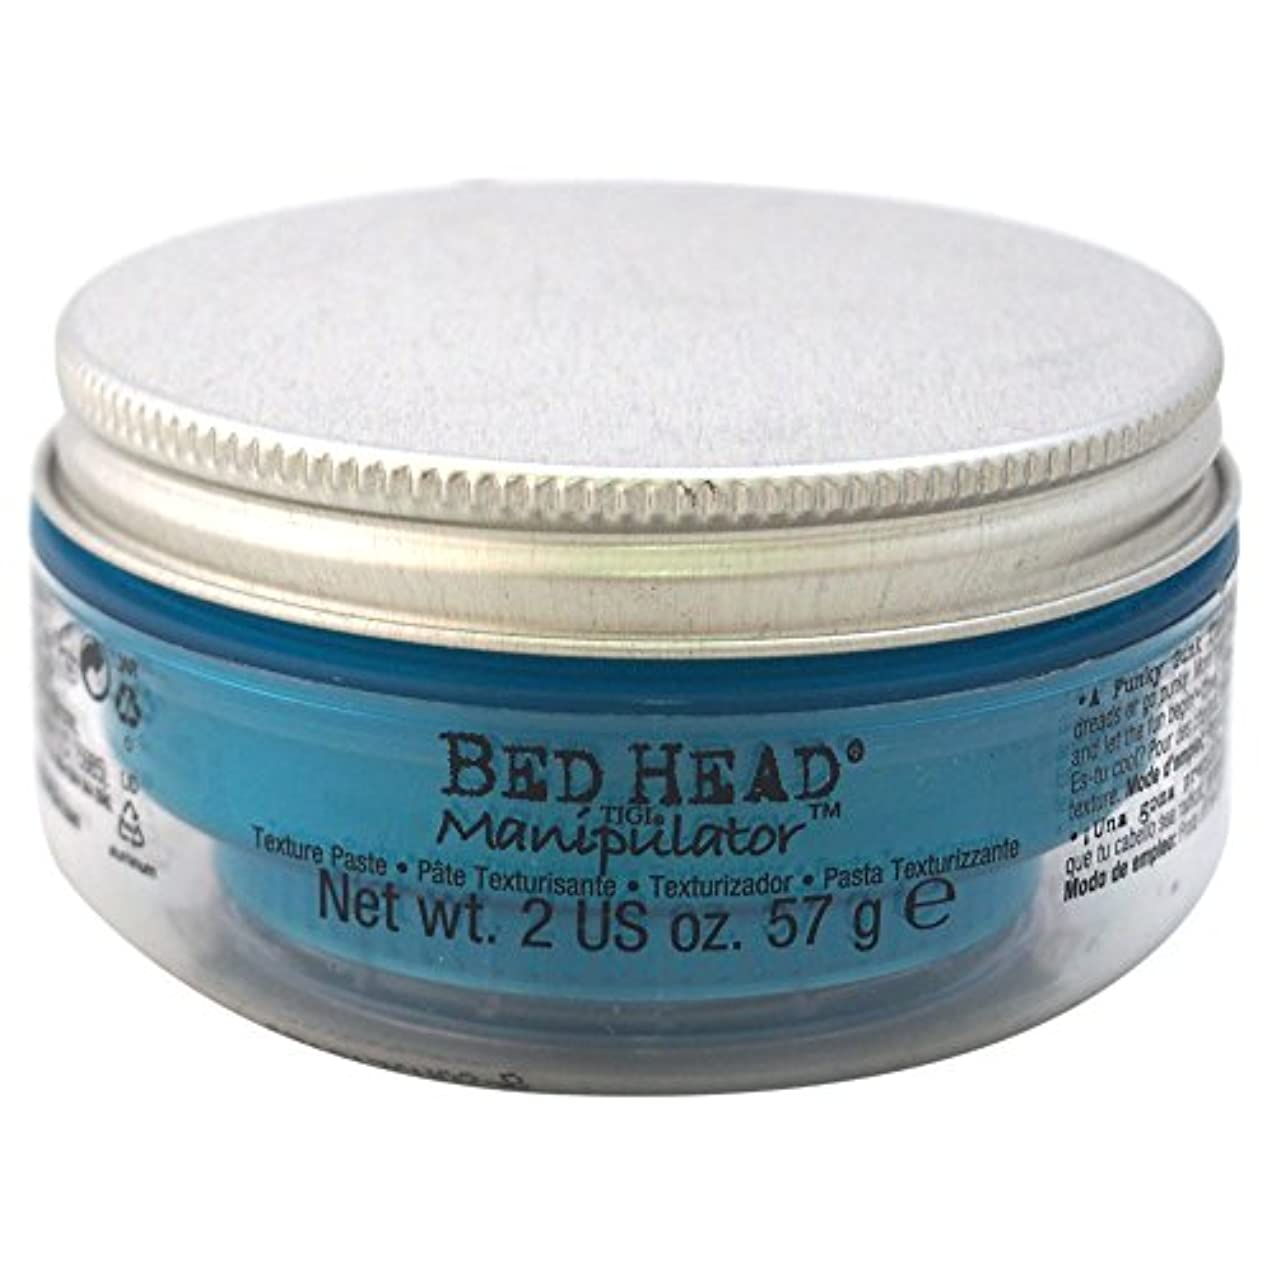 規則性写真を描くオプショナルティジー ベッドヘッドマニピュレーター テキシチヤ ペースト Tigi Bed Head Manipulator Texture Paste 57 ml [並行輸入品]